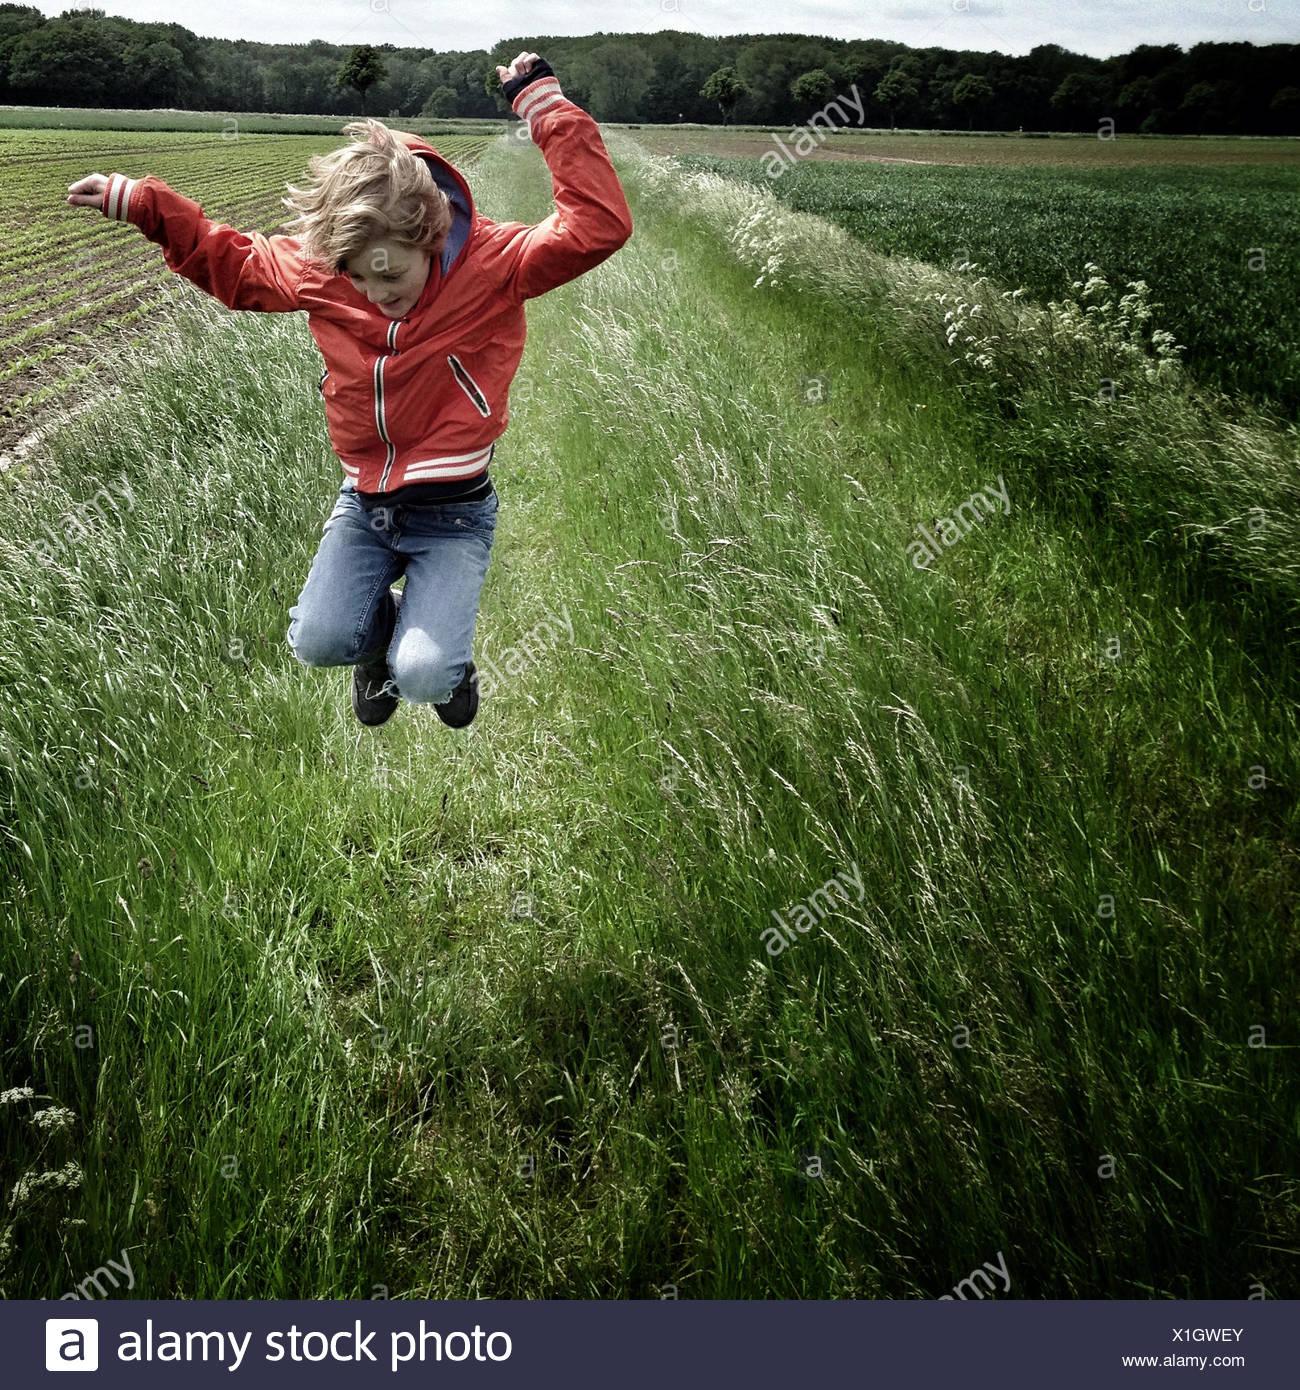 Junge springt In einem Feld Stockfoto